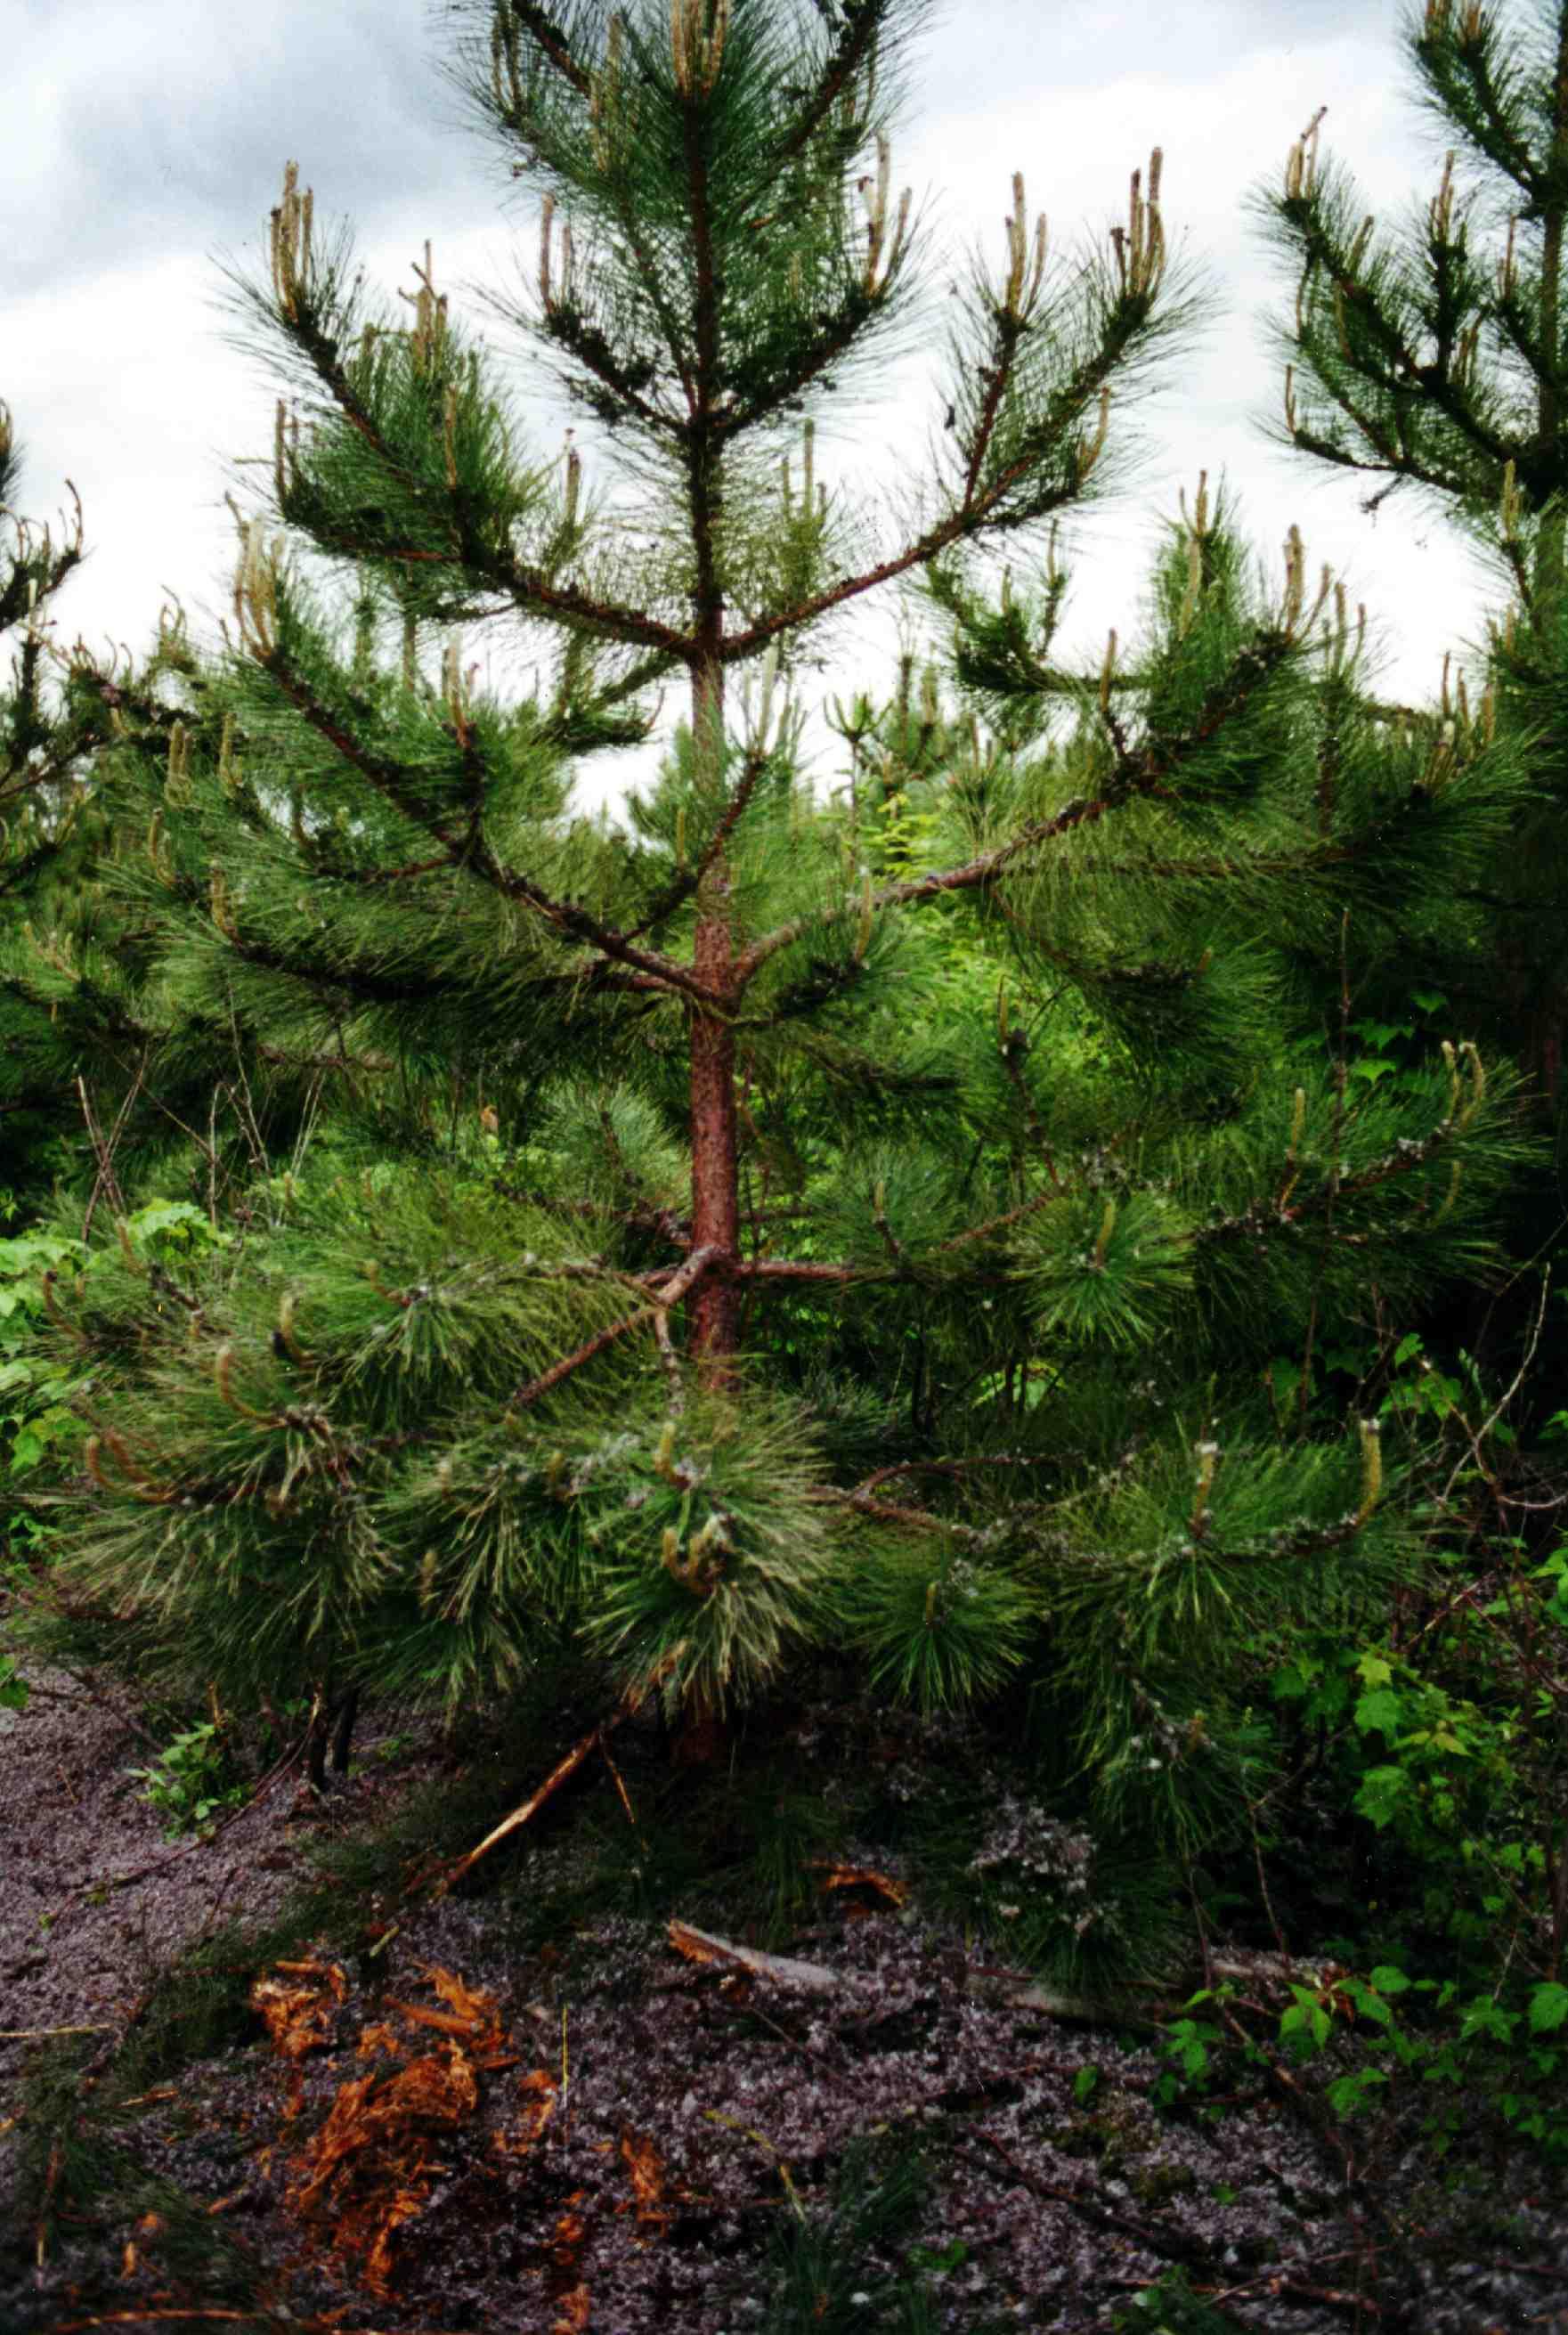 Bulk Class B biosolids applied to a tree farm in Maine.